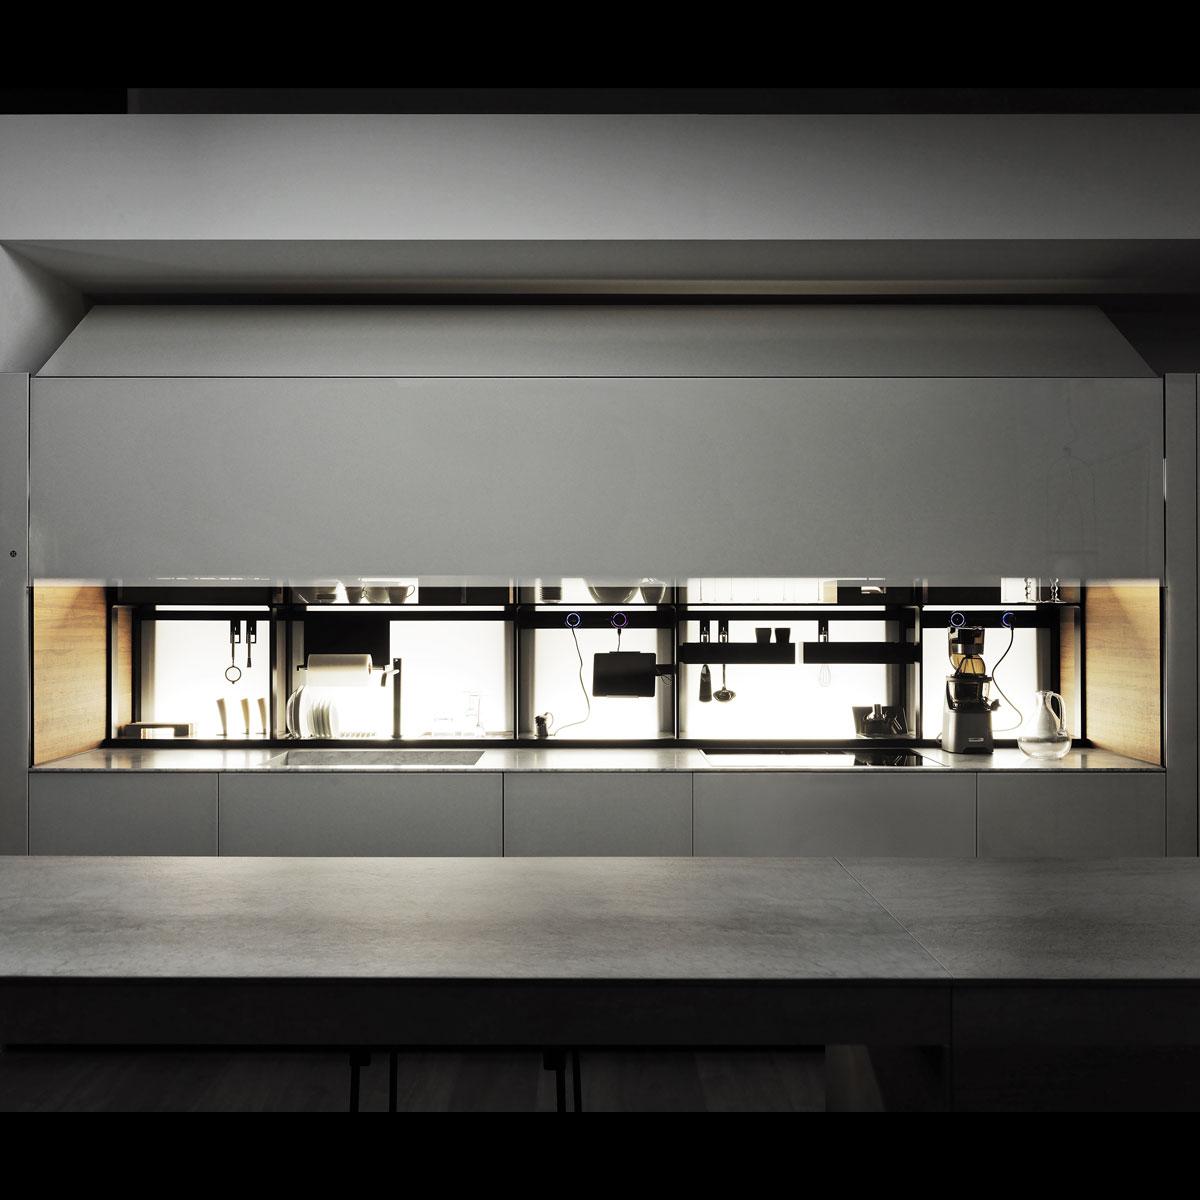 Full Size of Valcucine Küchen Abverkauf Moderne Italienische Designer Einbaukchen Regal Inselküche Bad Wohnzimmer Valcucine Küchen Abverkauf